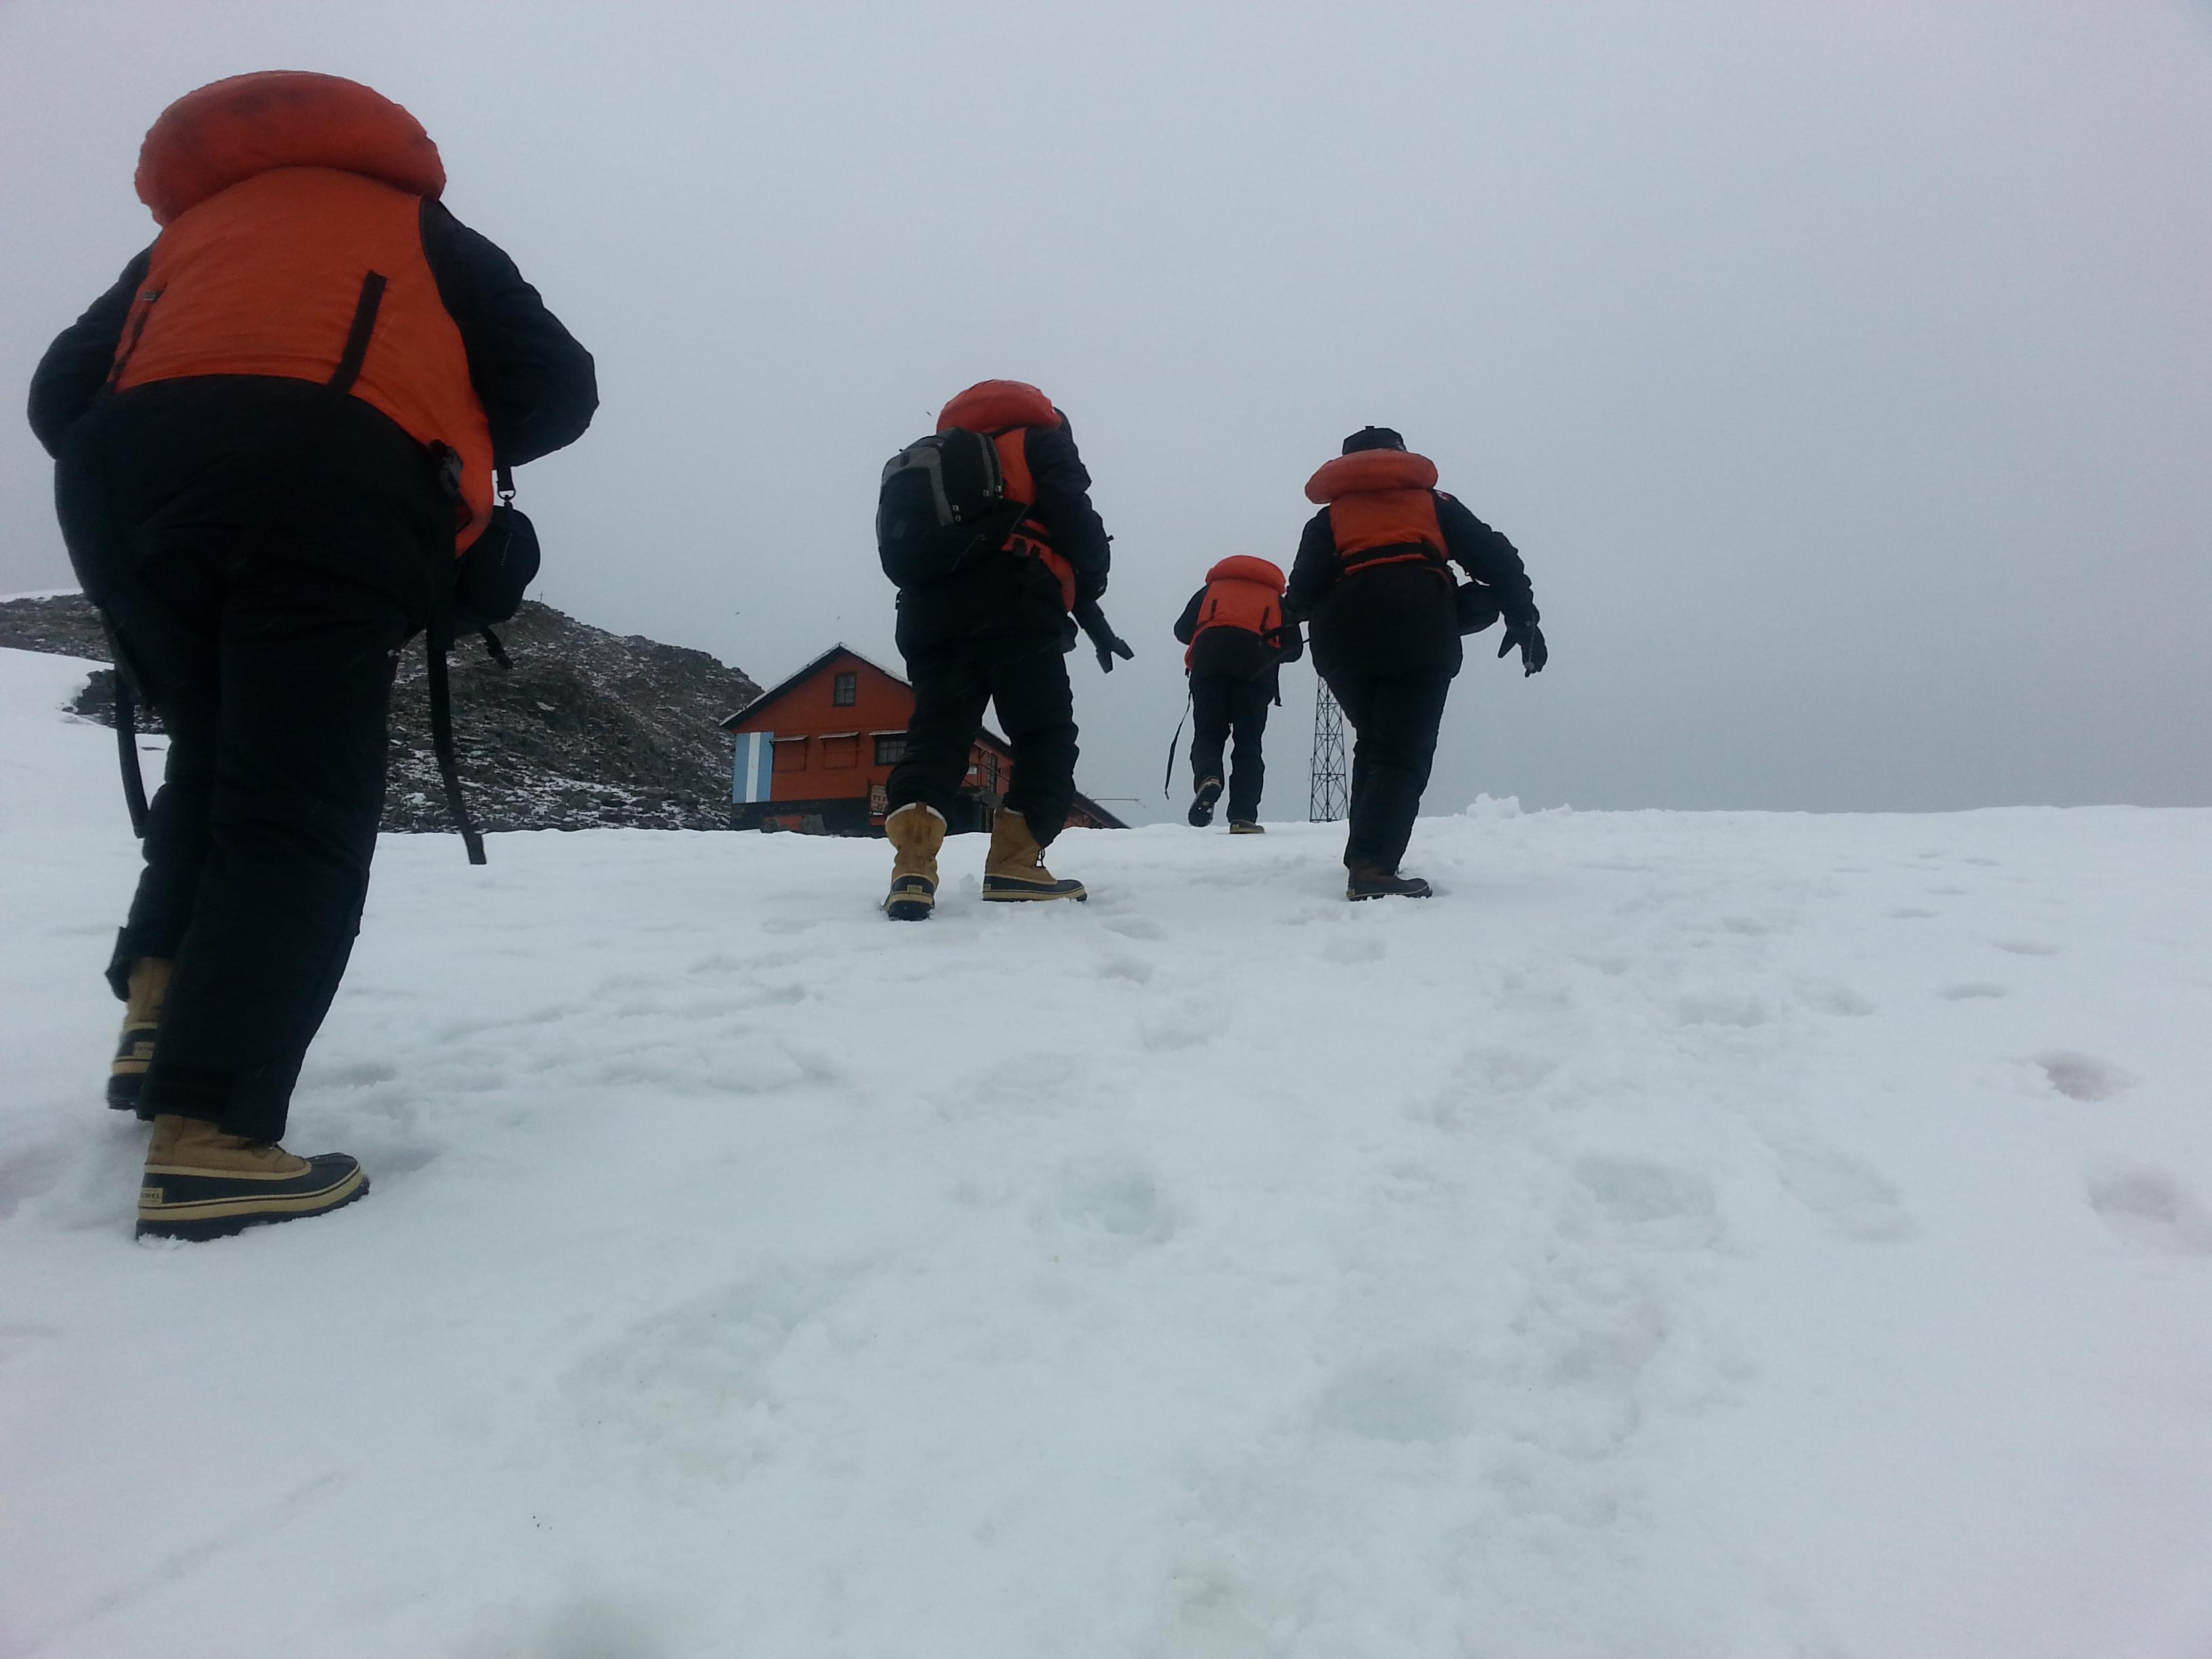 Andar na neve com roupas pesadas, carregando equipamentos, contra o vento e chuva fina,é das tarefas mais cansativas. Foto Dionei Santos.